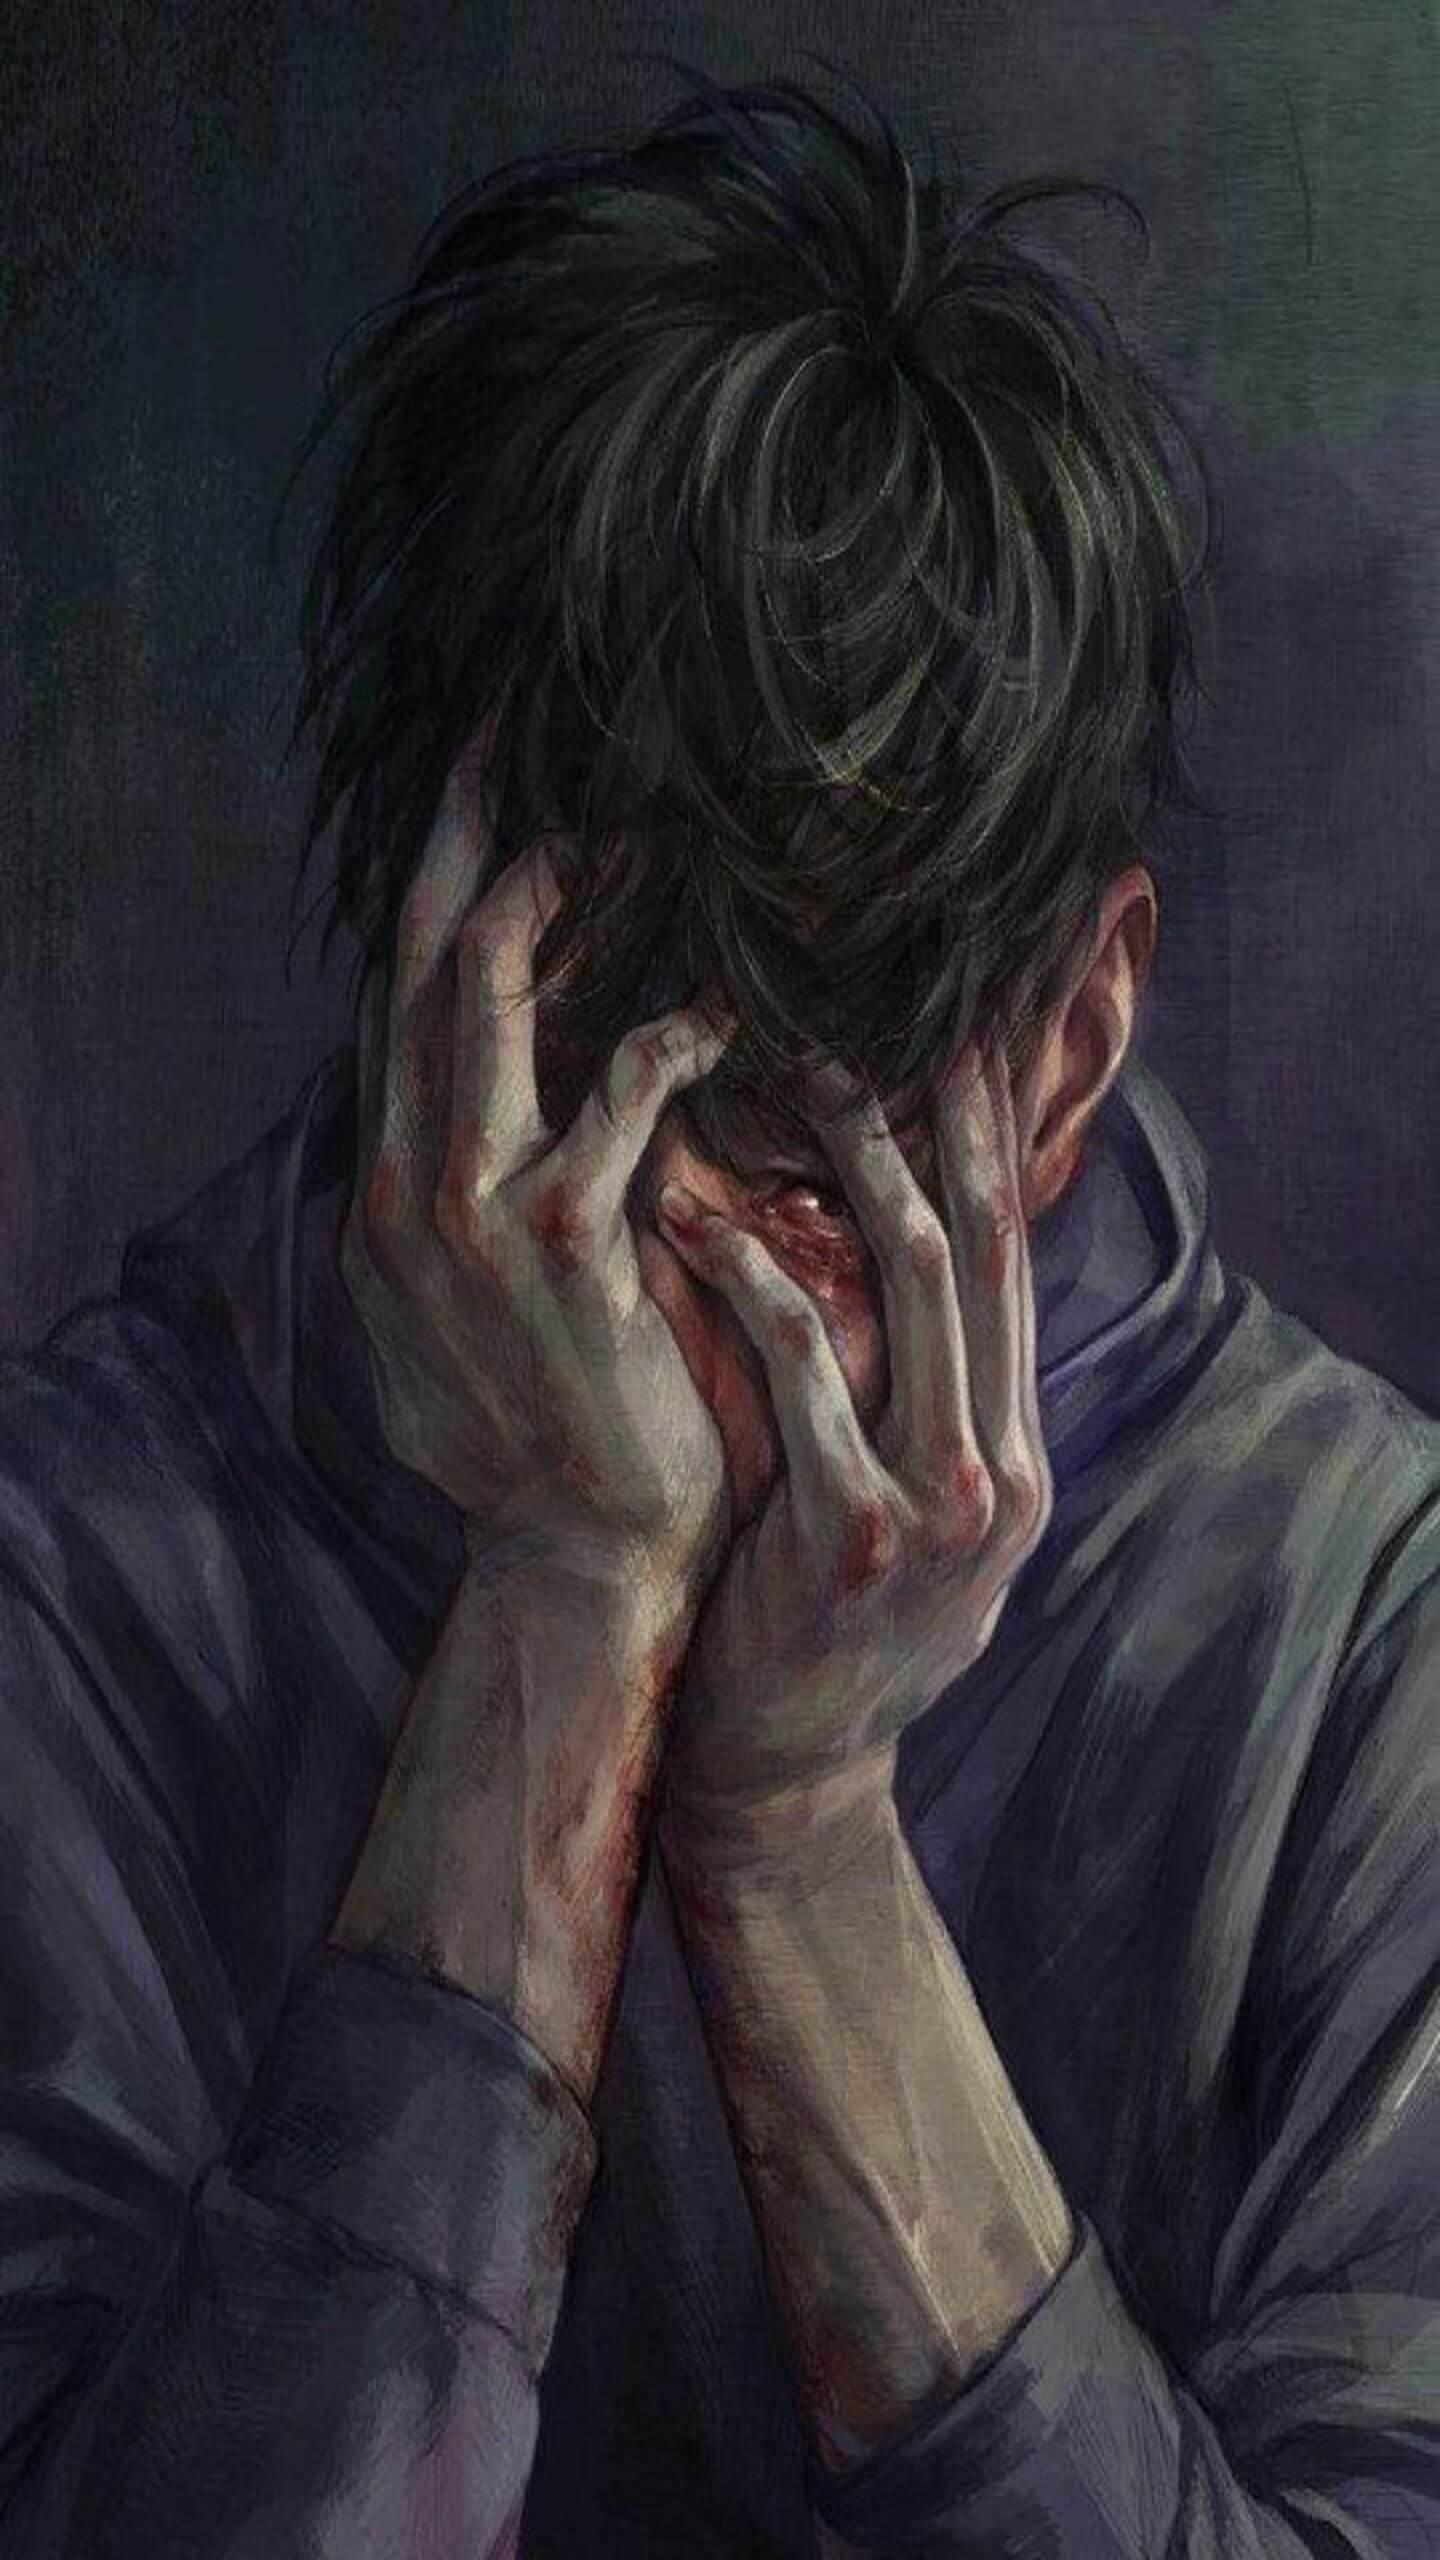 Sad Anime Boys Wallpapers - Wallpaper Cave